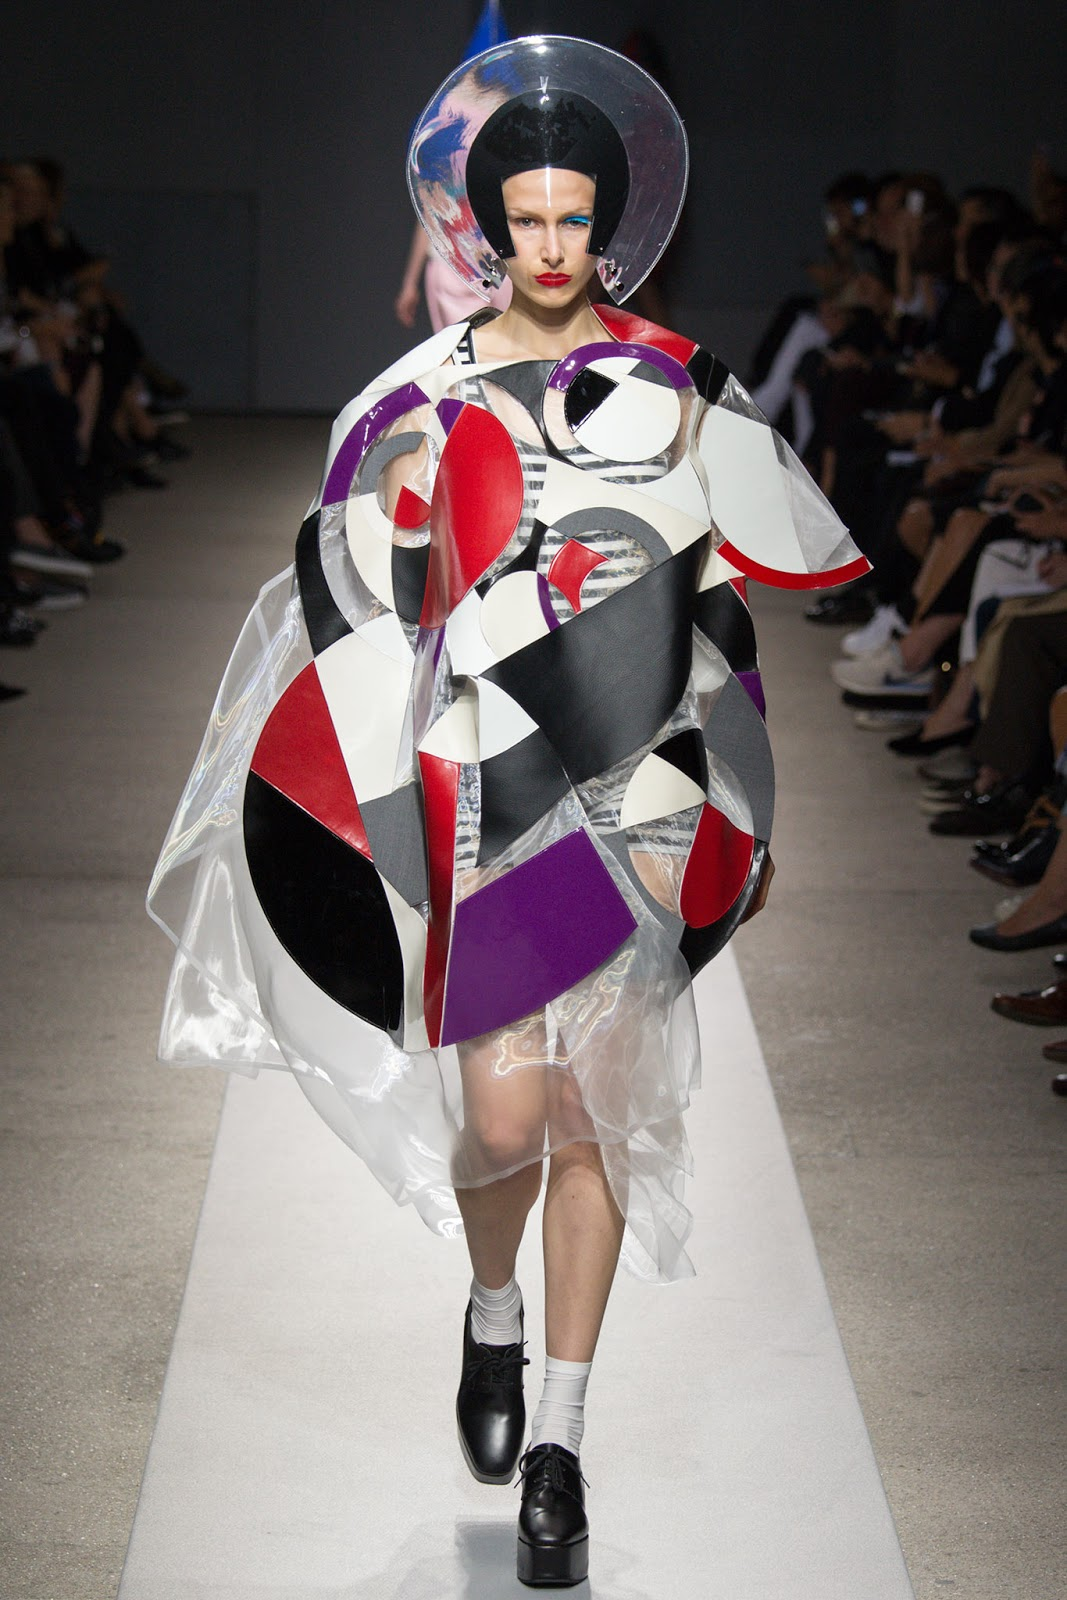 Cardboard Headdress Fashion Show